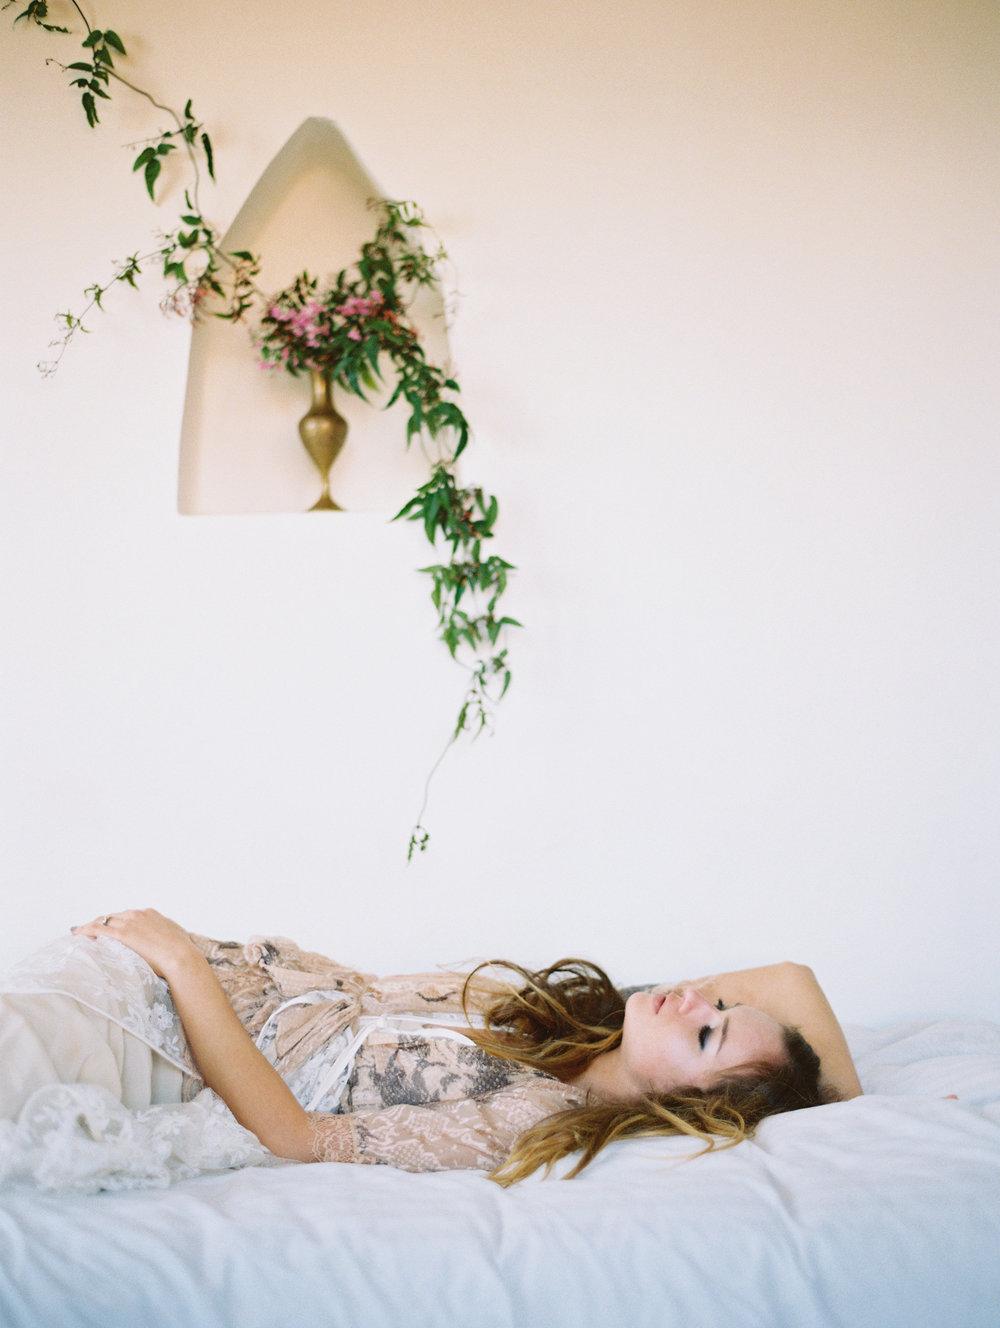 Nina&WesPhotography_MorningRetiscence_131.jpg